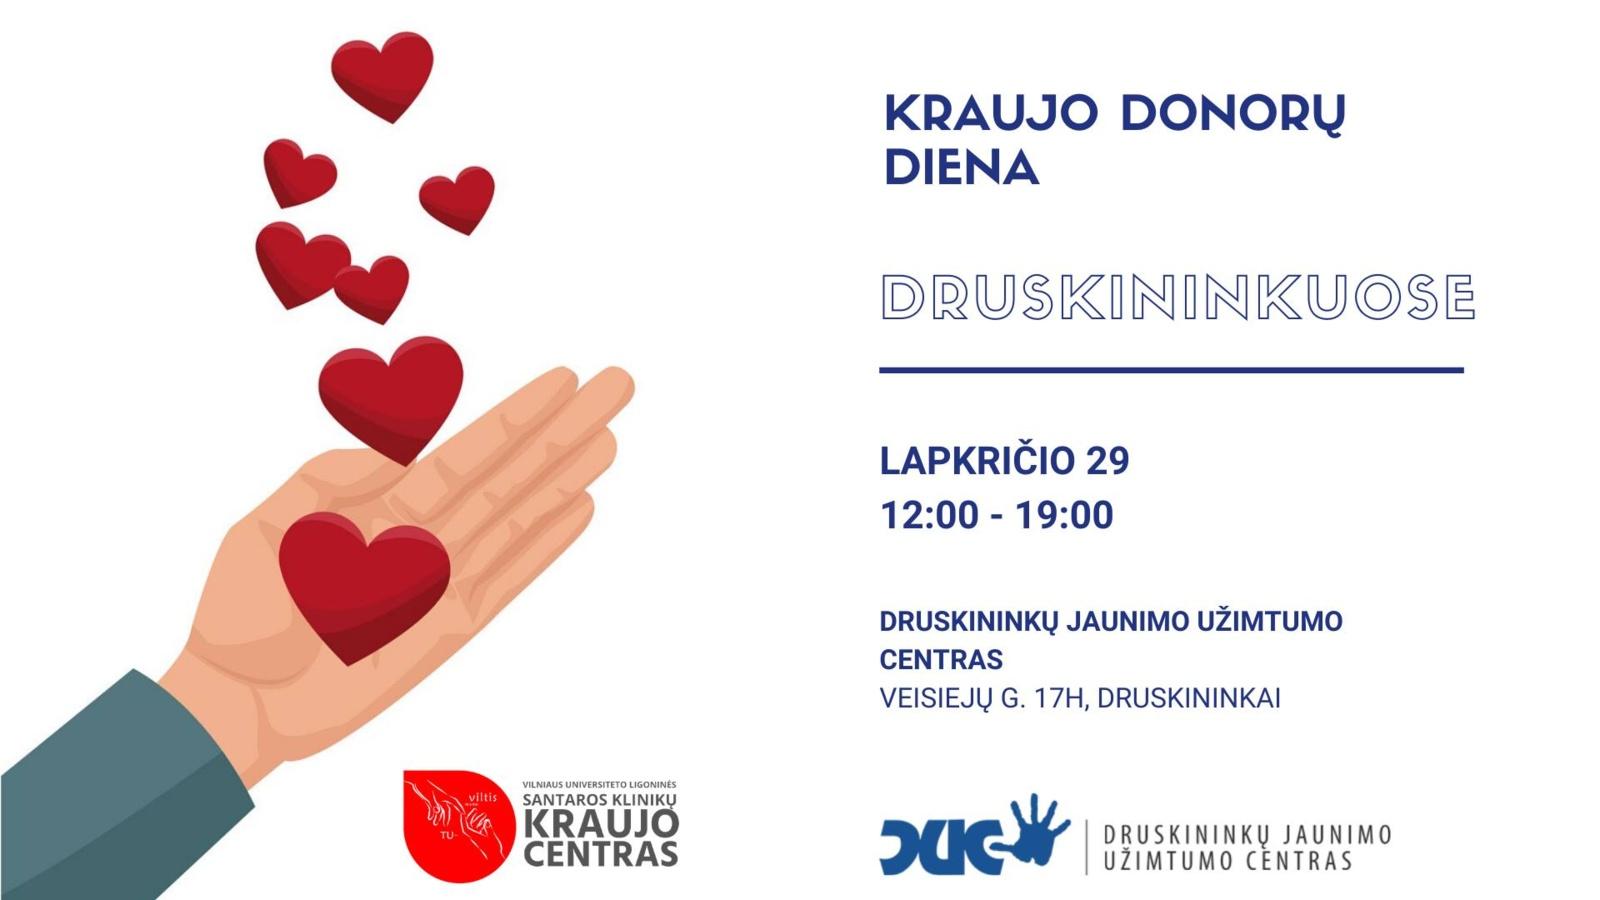 Kraujo donorų diena Druskininkuose lapkričio 29 d.